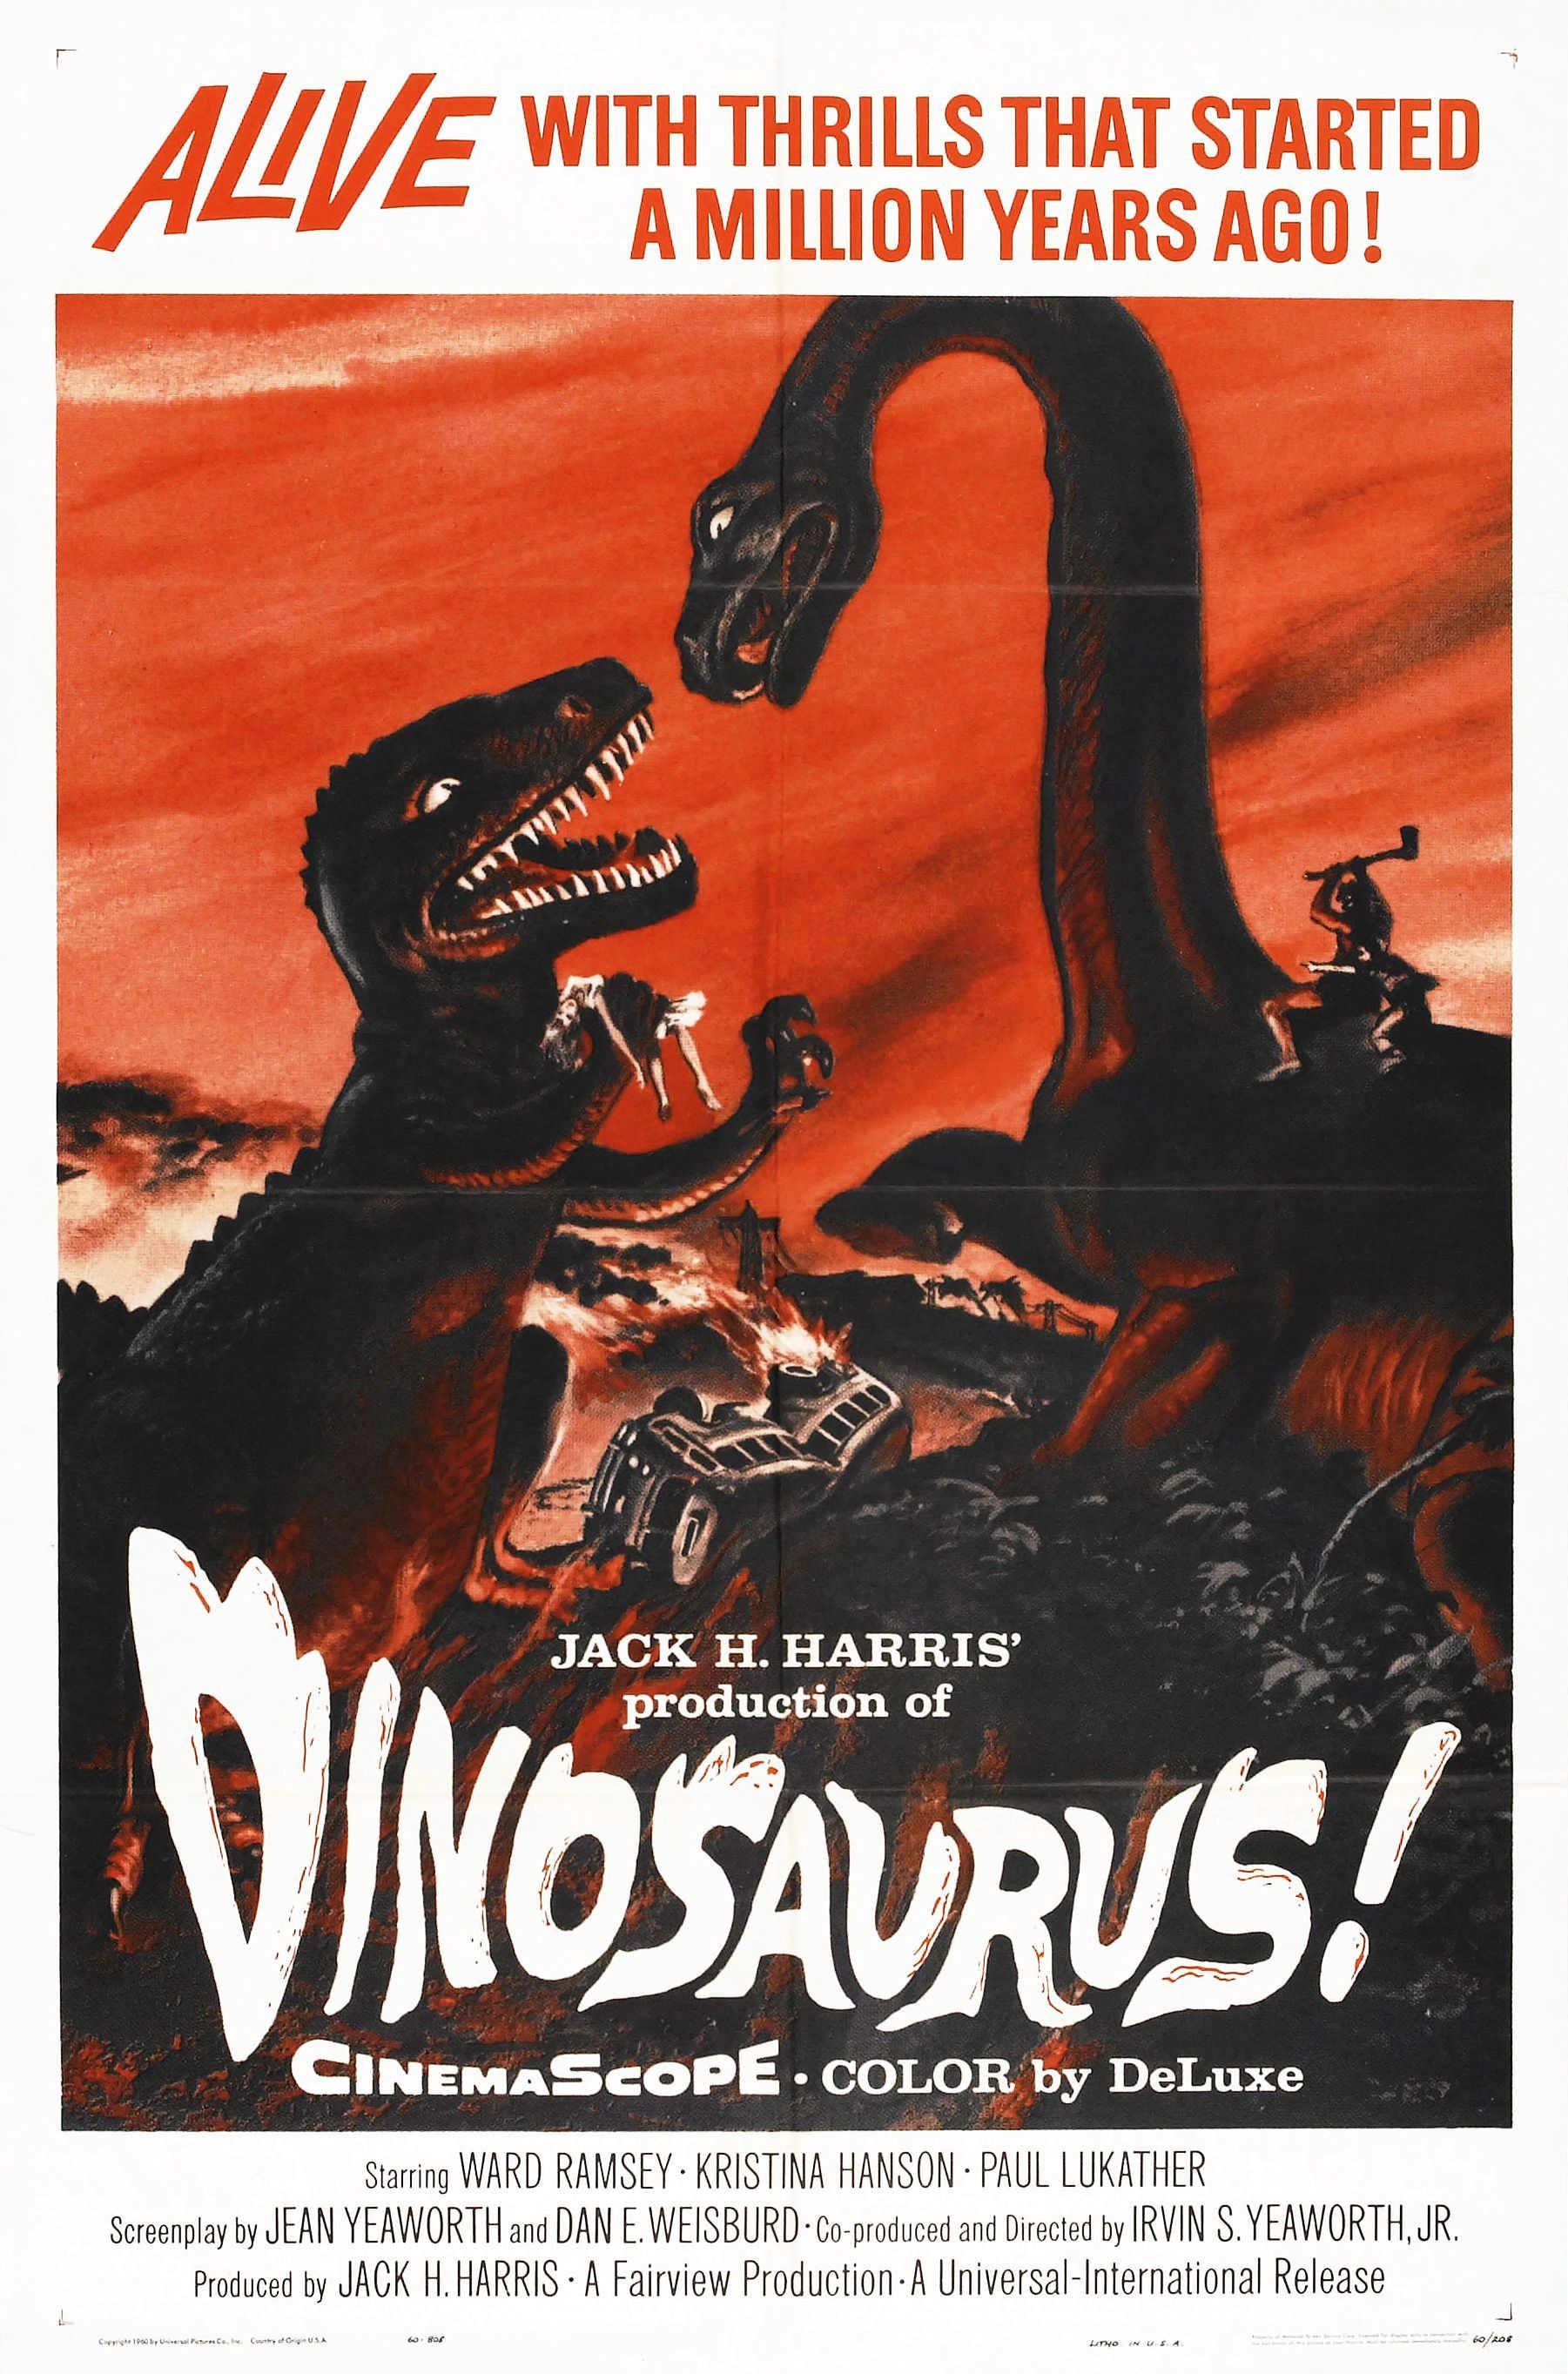 dinosaurus_poster_1960_01.jpg